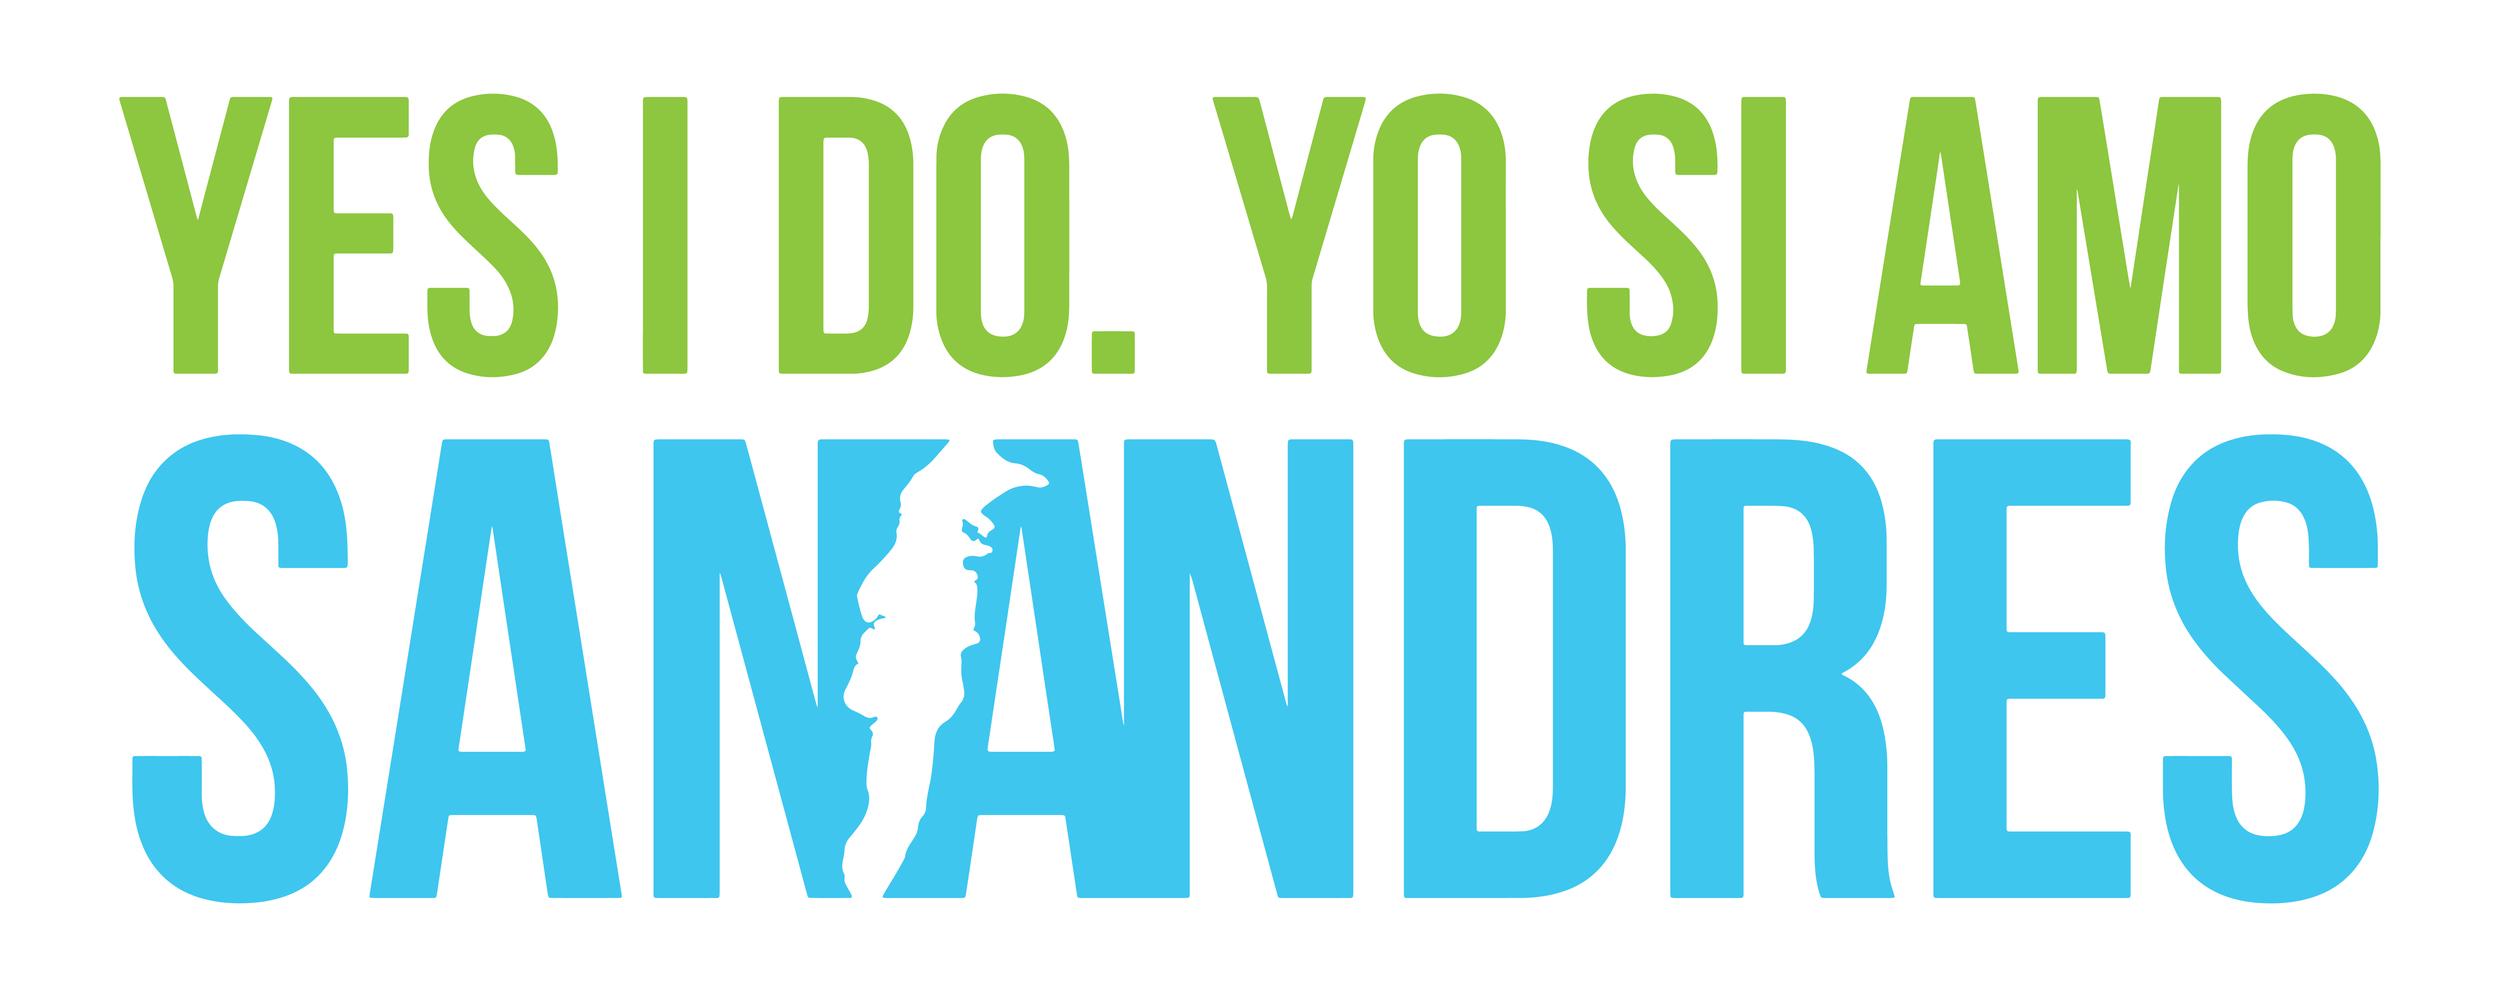 Yes I Do-Logo-Blue & Green-01.jpg